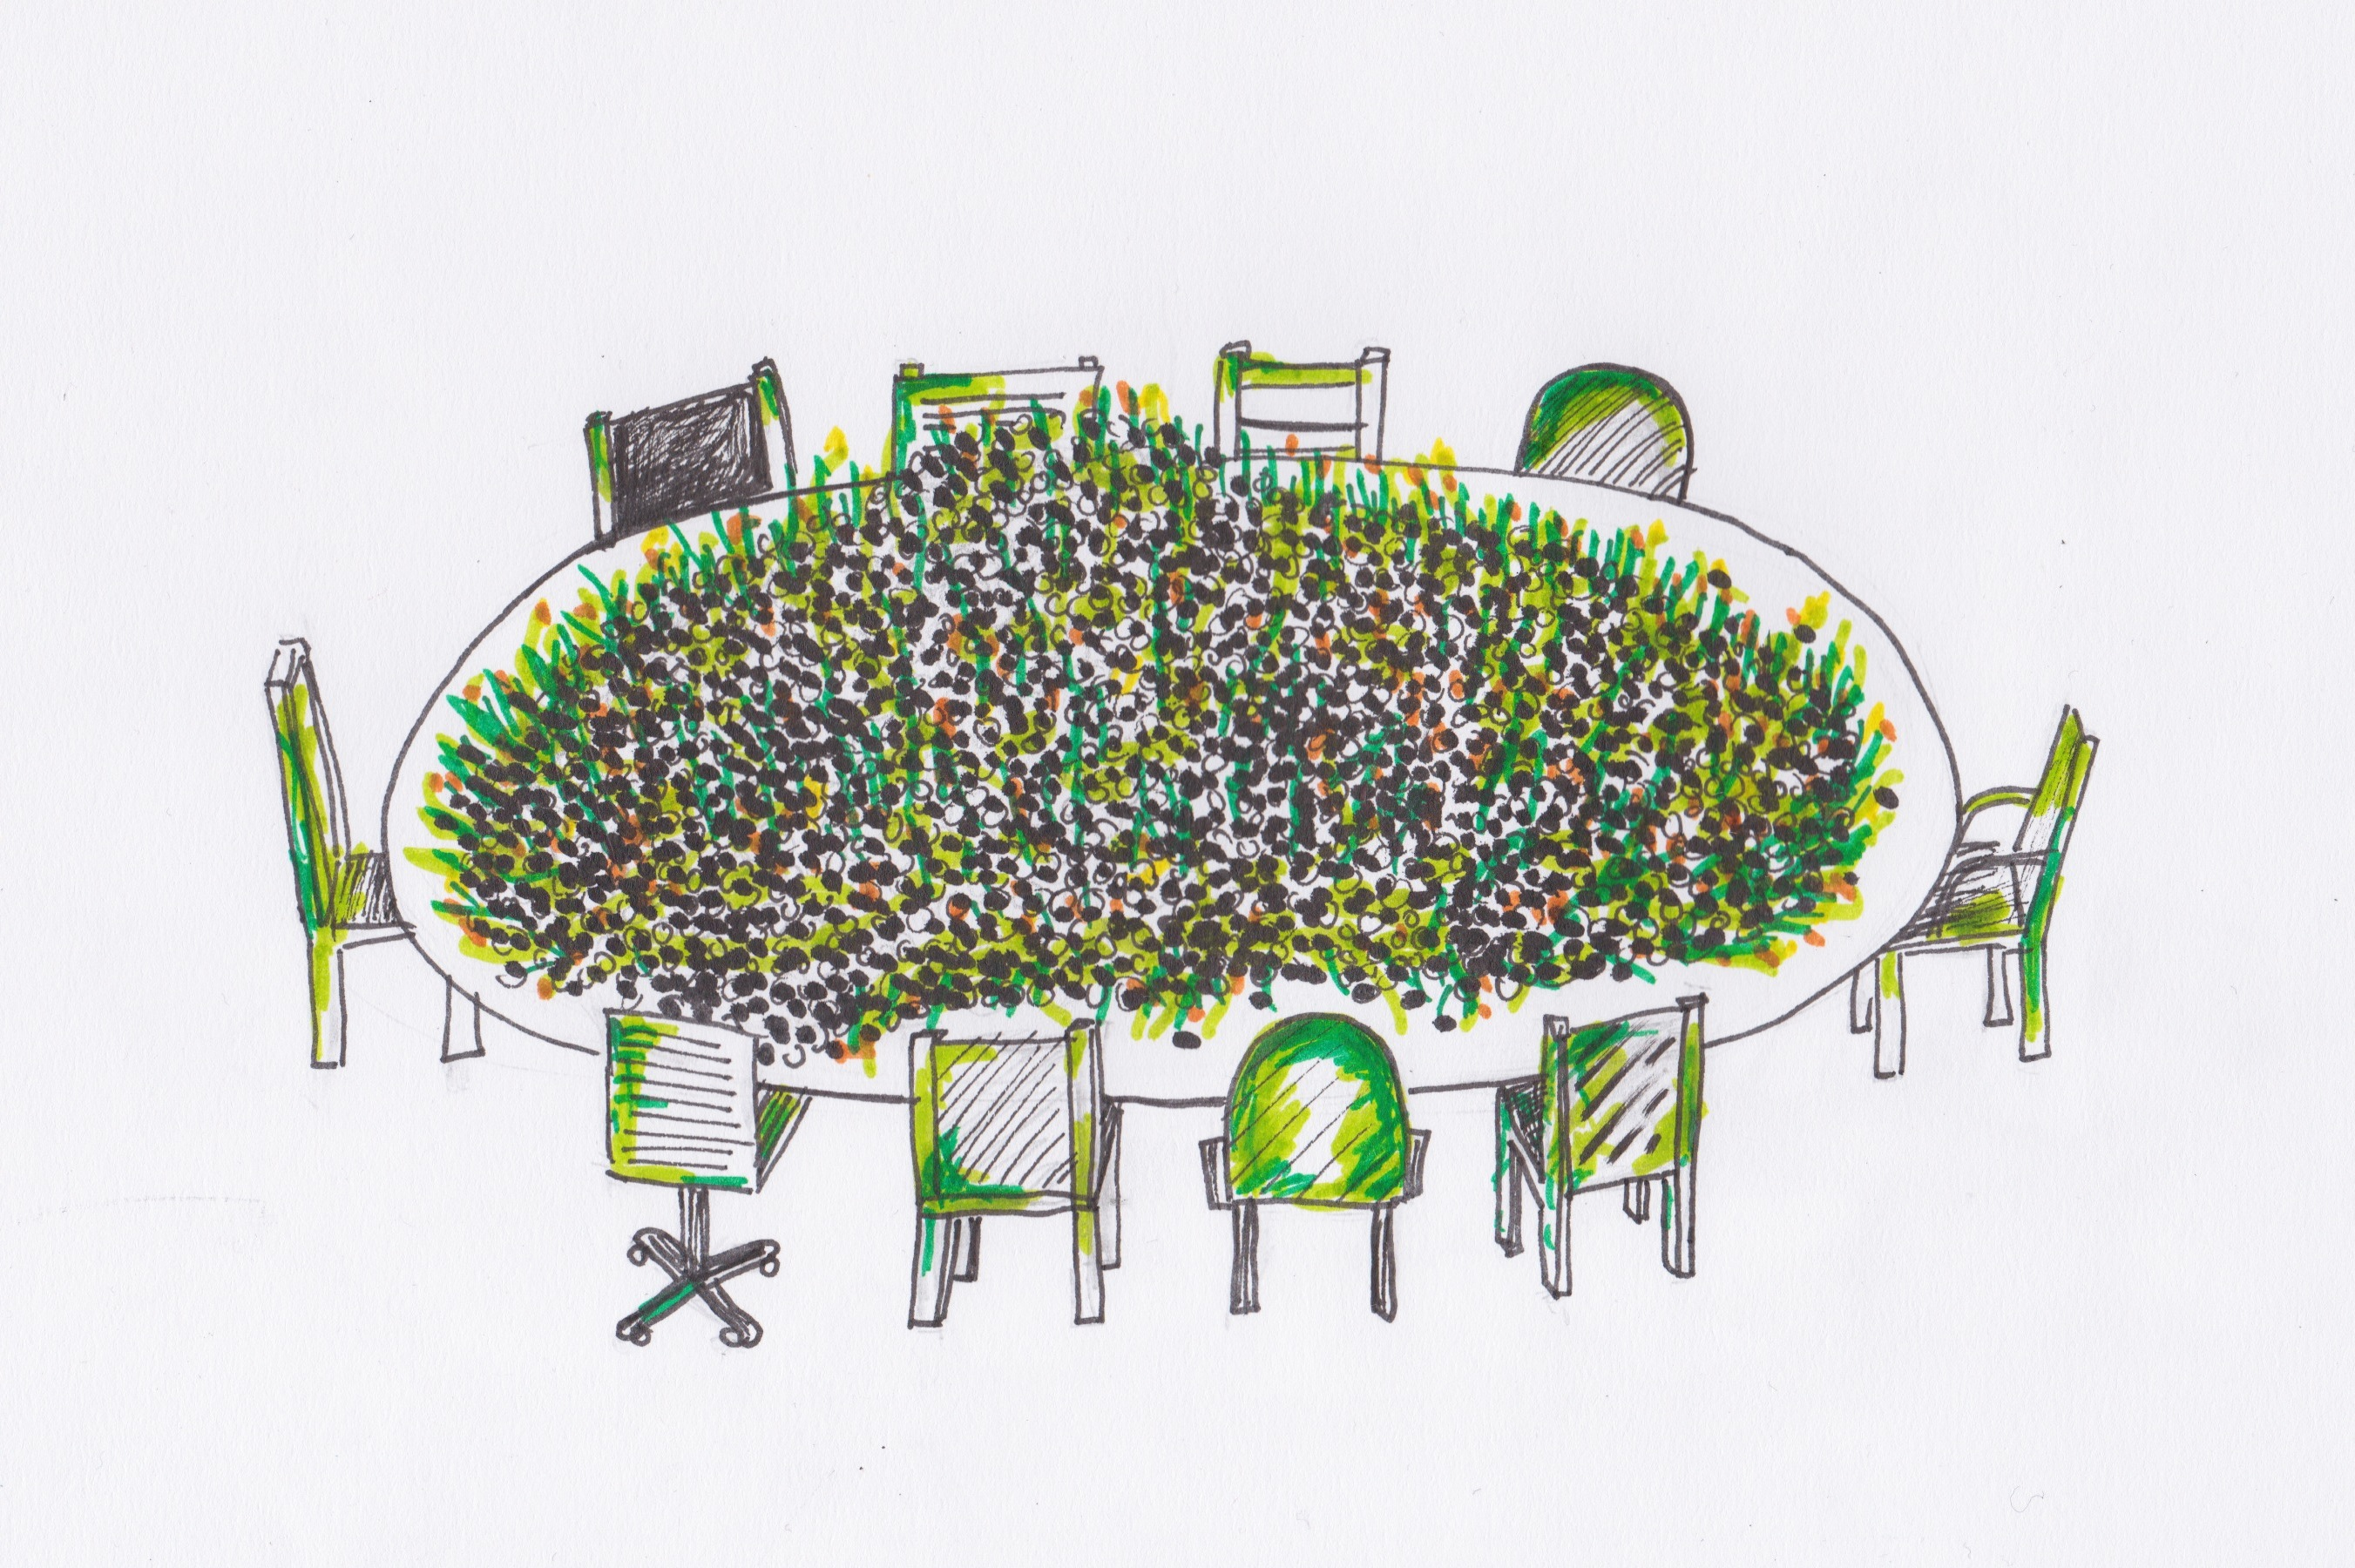 Skizze der Ausstellung zeigt einen Tisch mit zehn Stühlen, auf dem Tisch liegen unzählige Saatbälle.